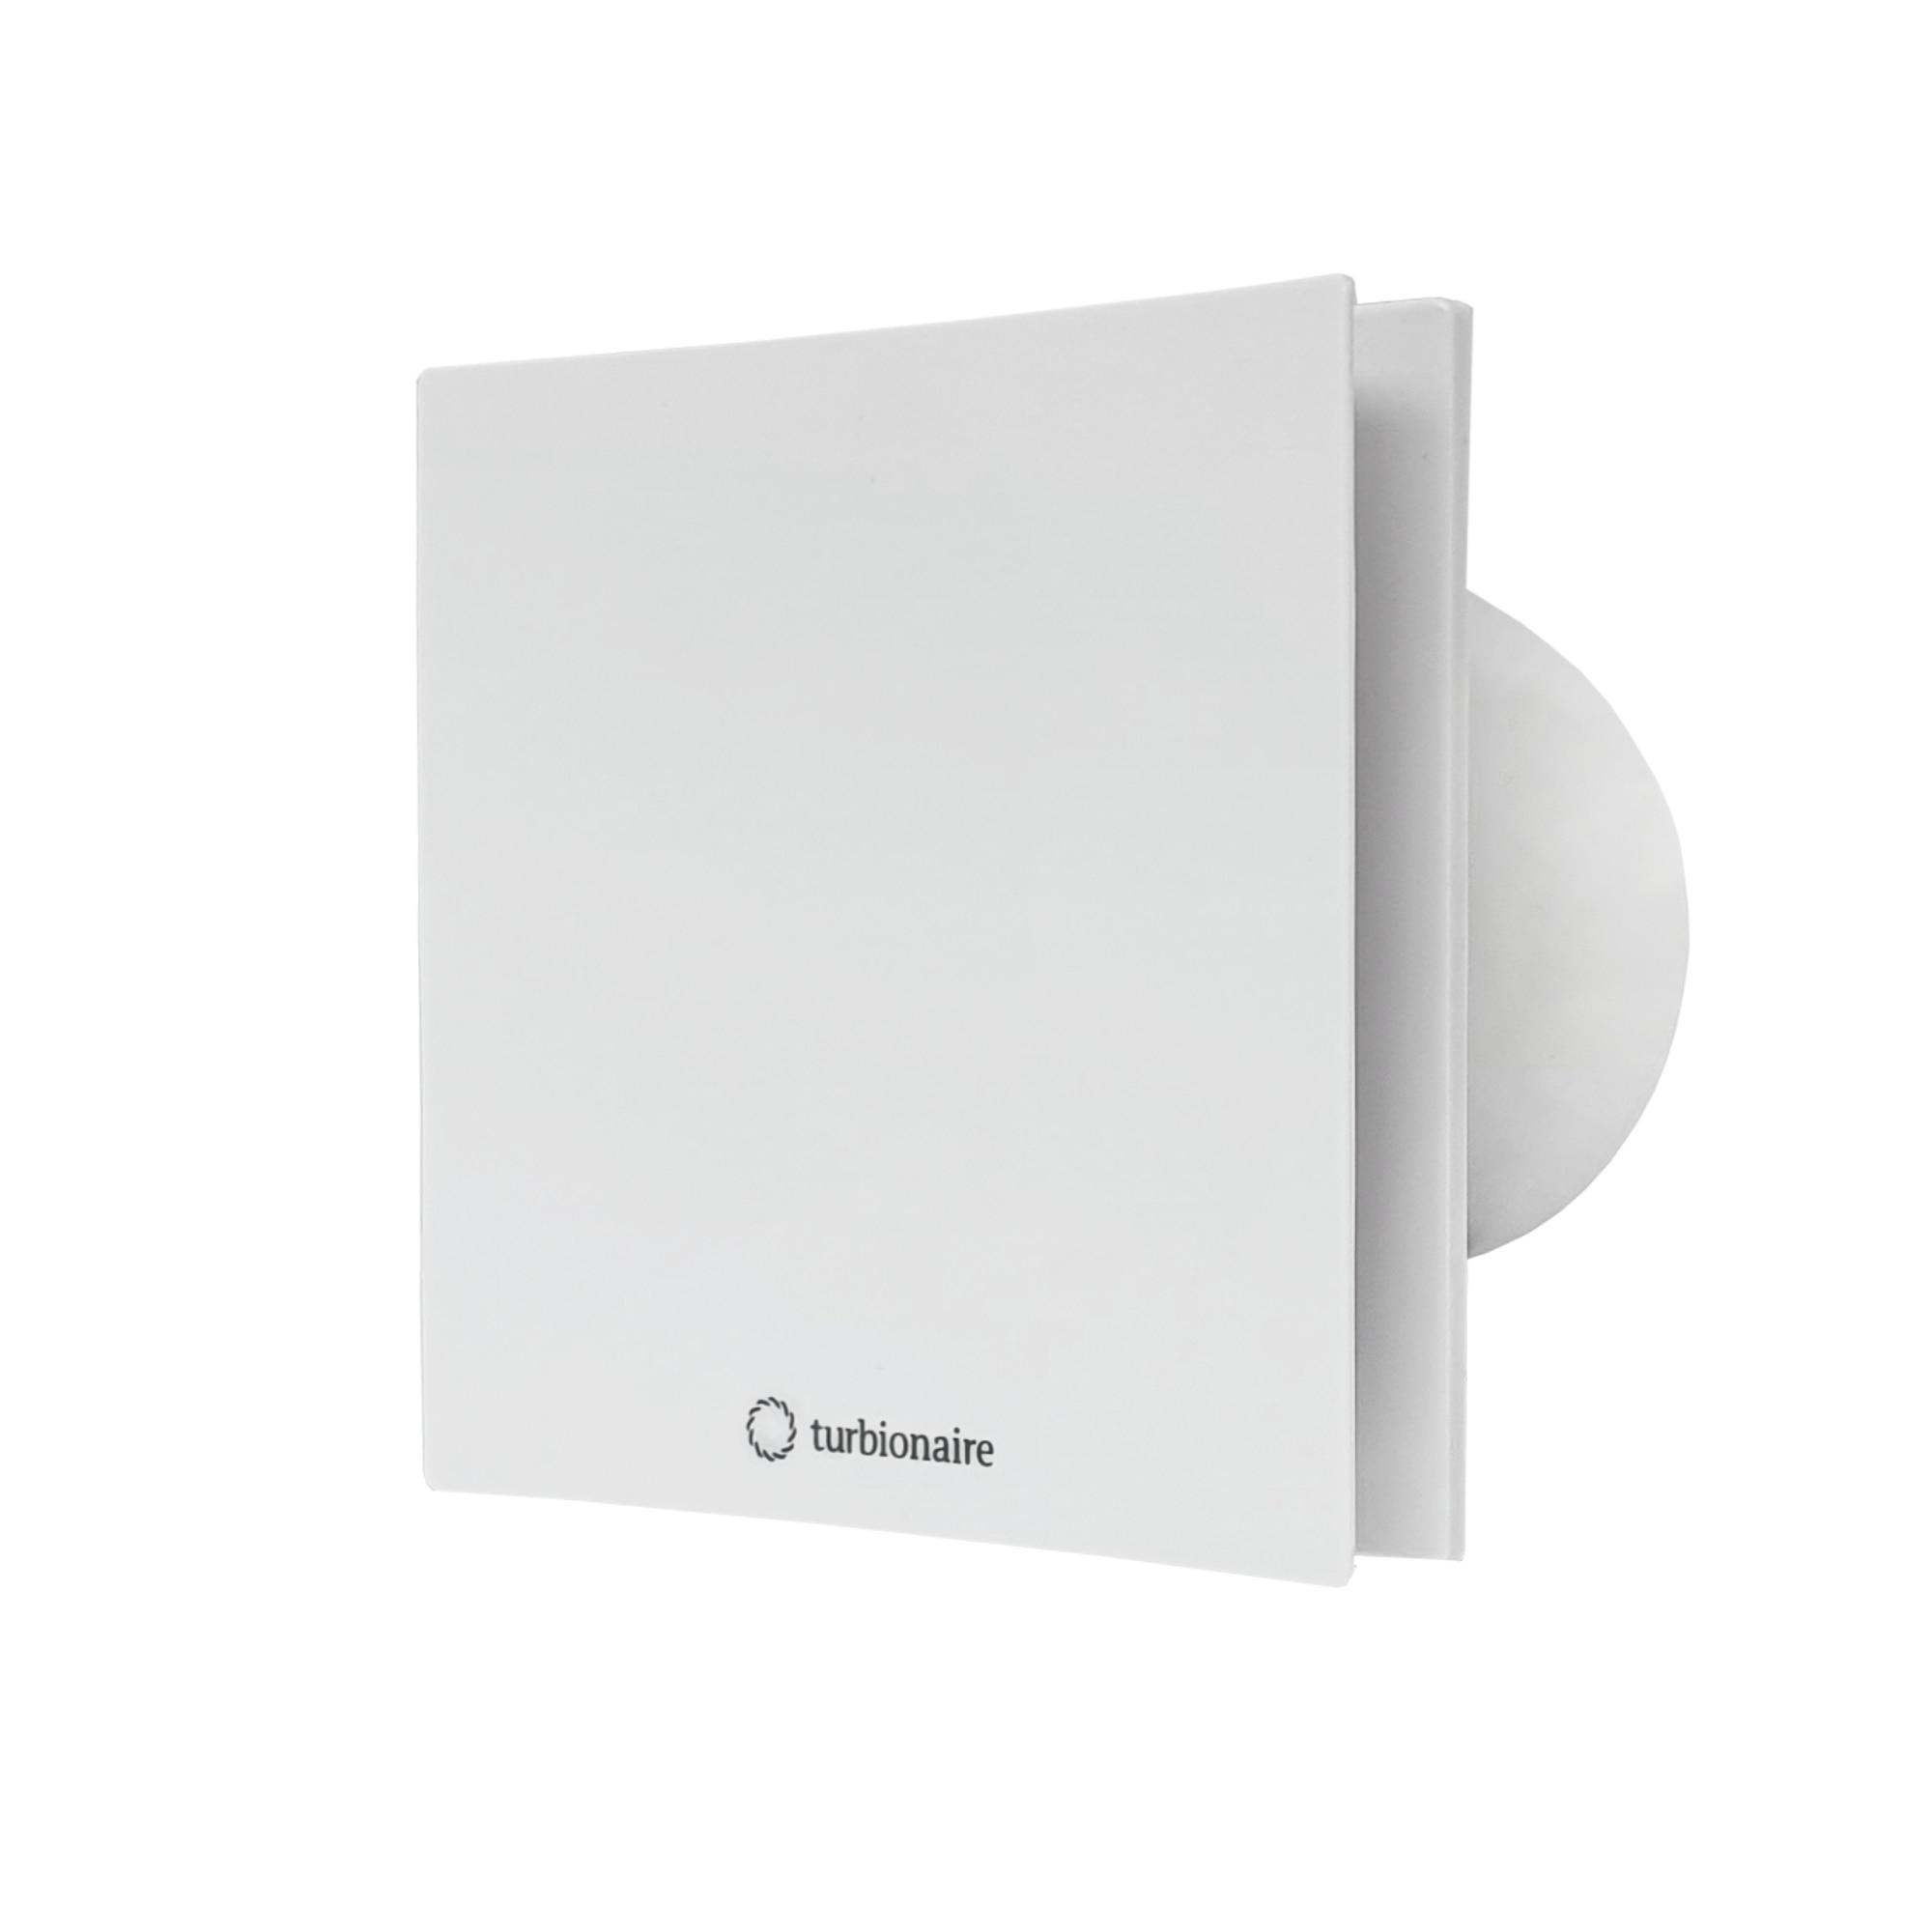 Fotografie Ventilator baie Turbionaire ARTE 100 SW, clapeta antiretur, aspiratie perimetrala, IPX4, 100 mm, Alb